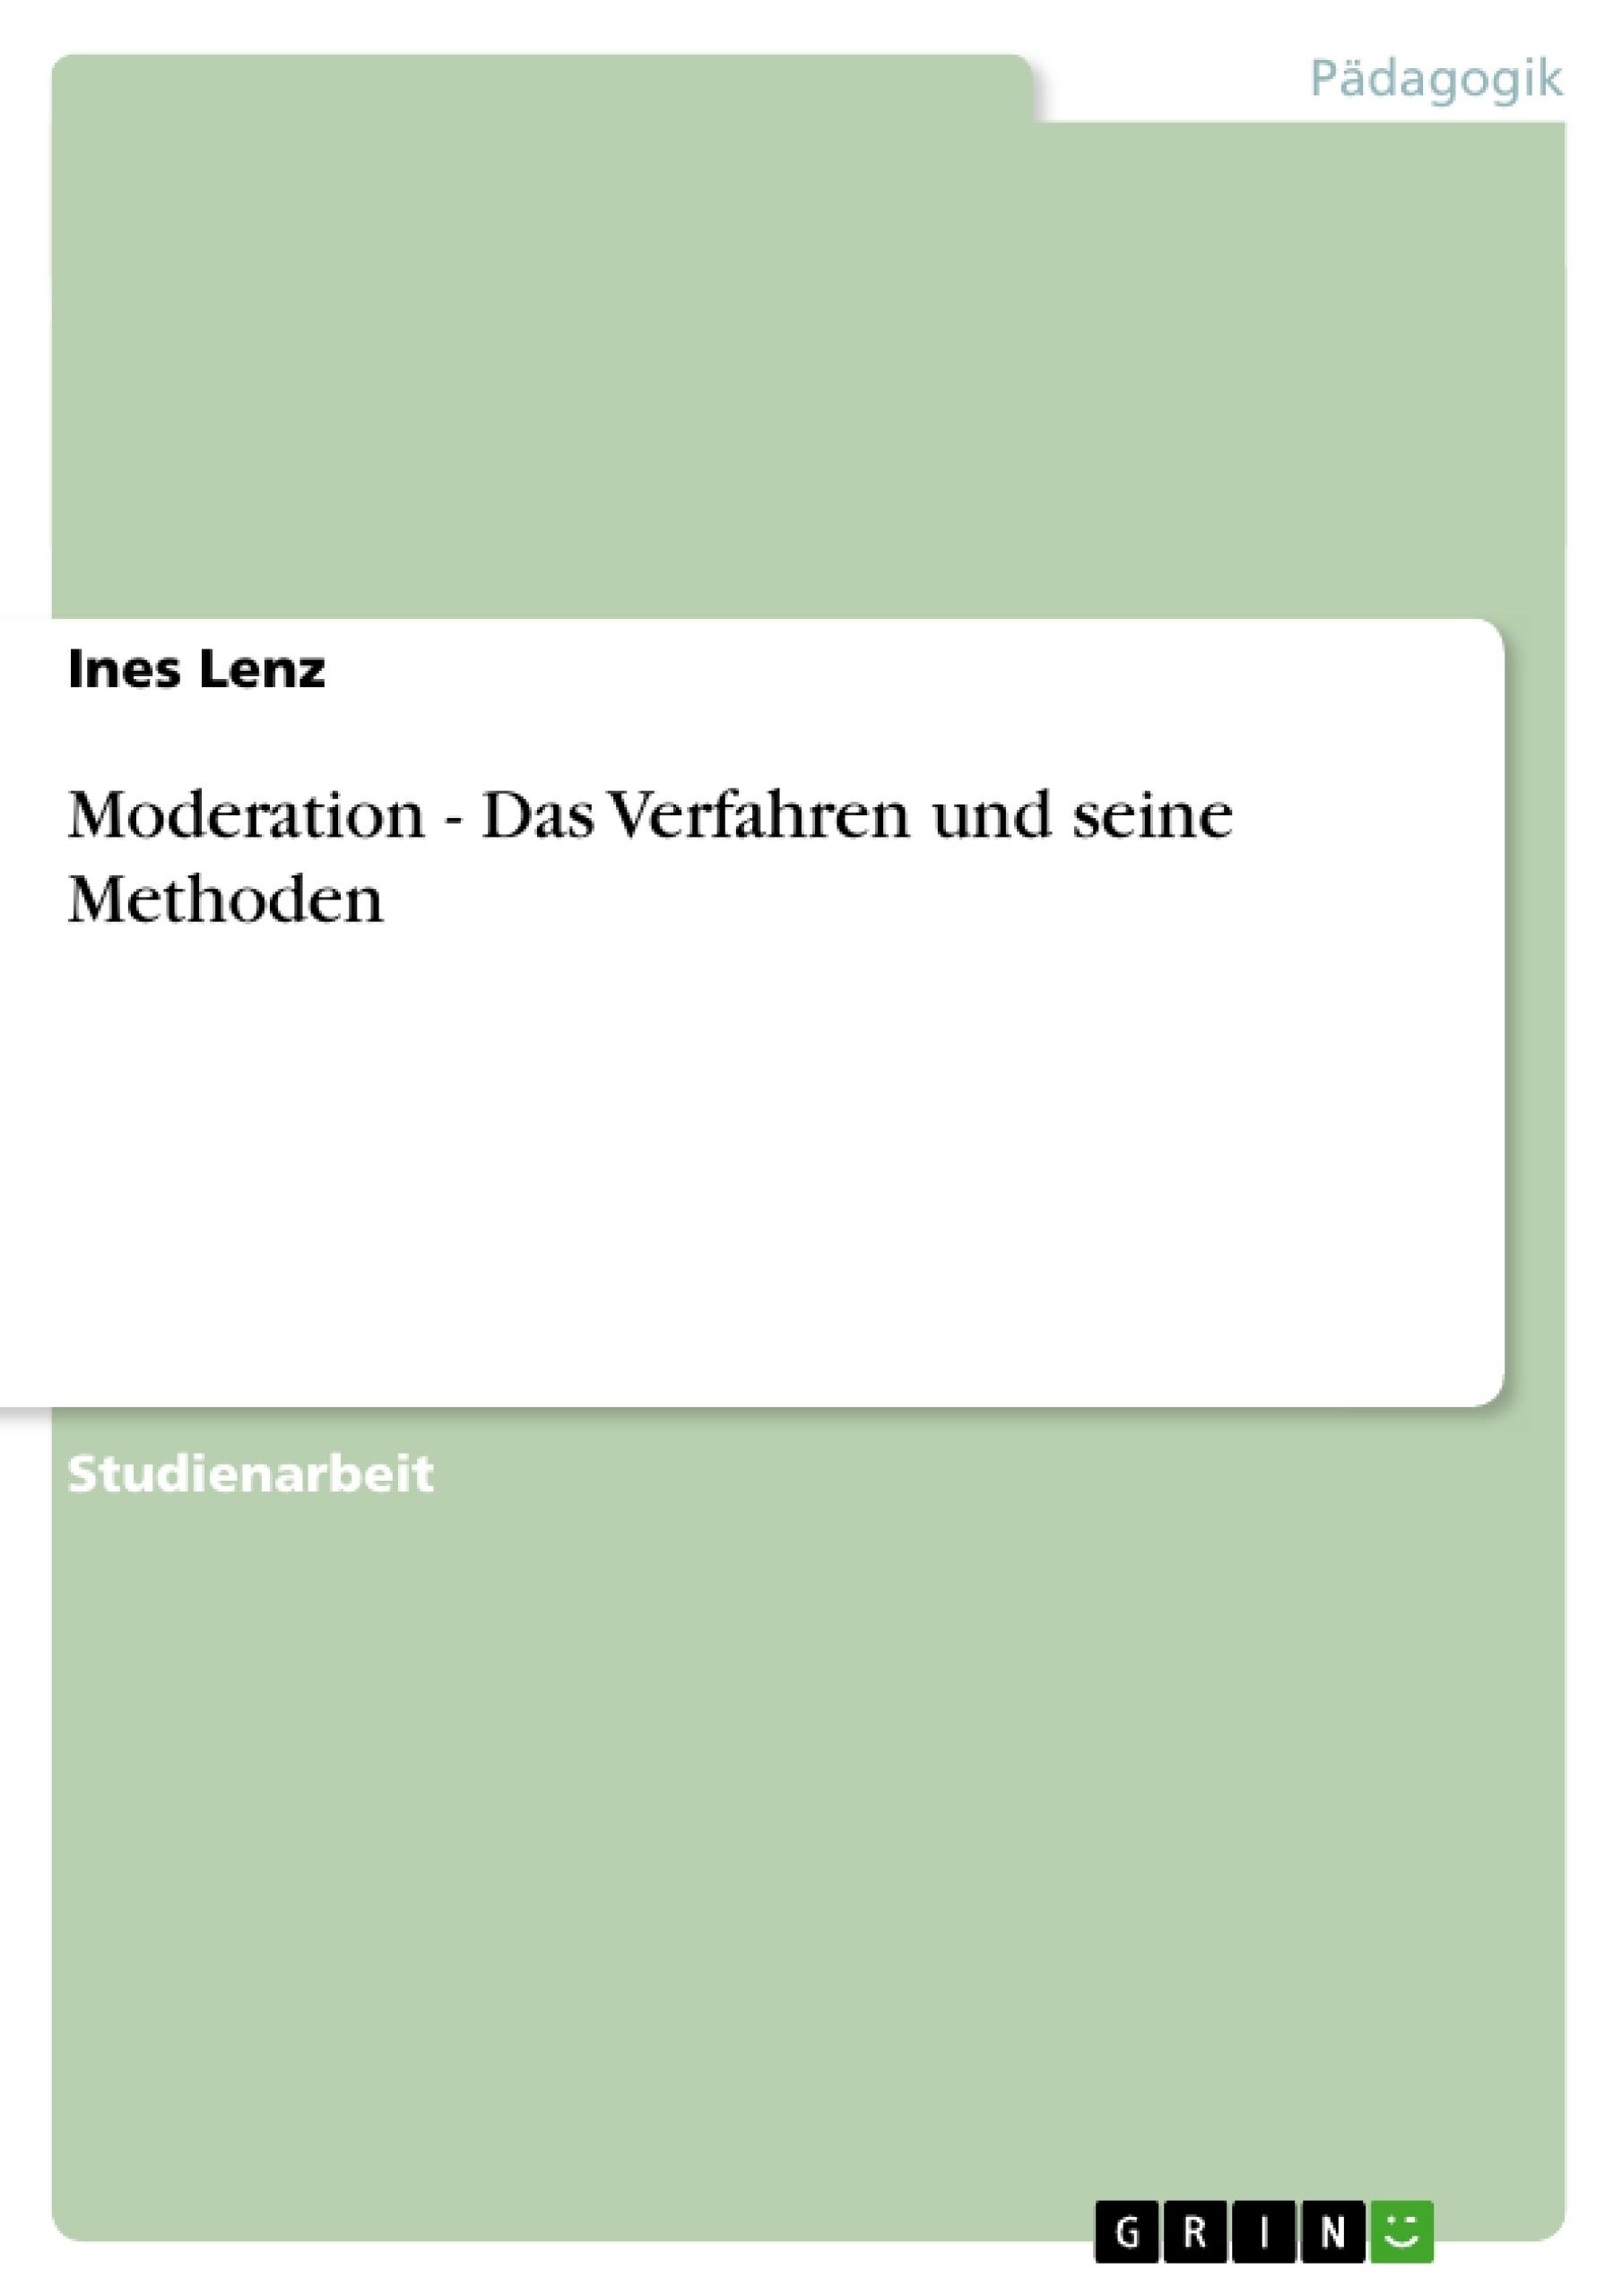 Titel: Moderation - Das Verfahren und seine Methoden